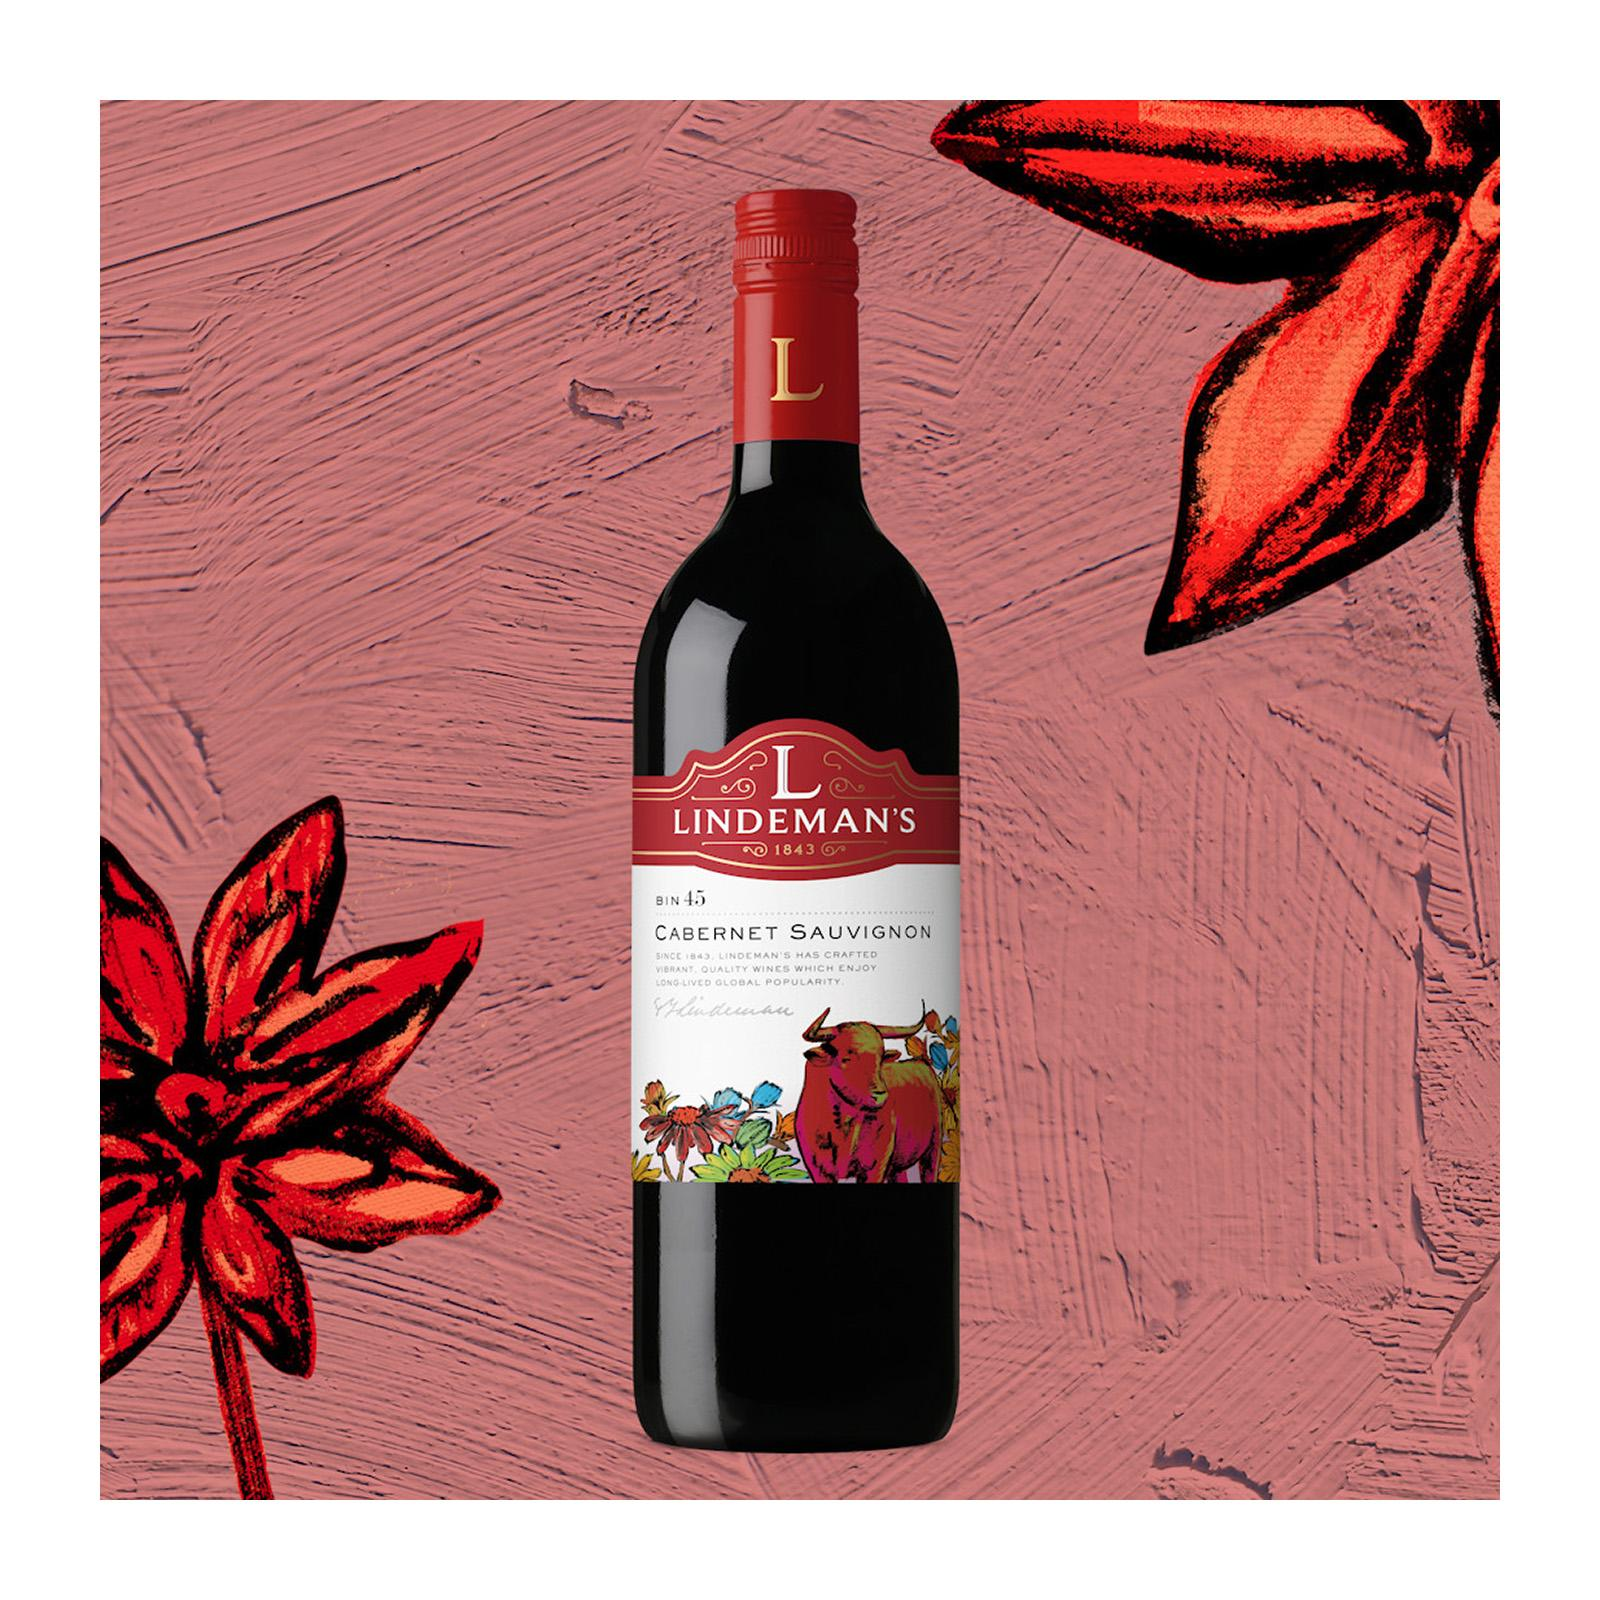 Lindeman's Bin 45 Cabernet Sauvignon Red Berry Flavour